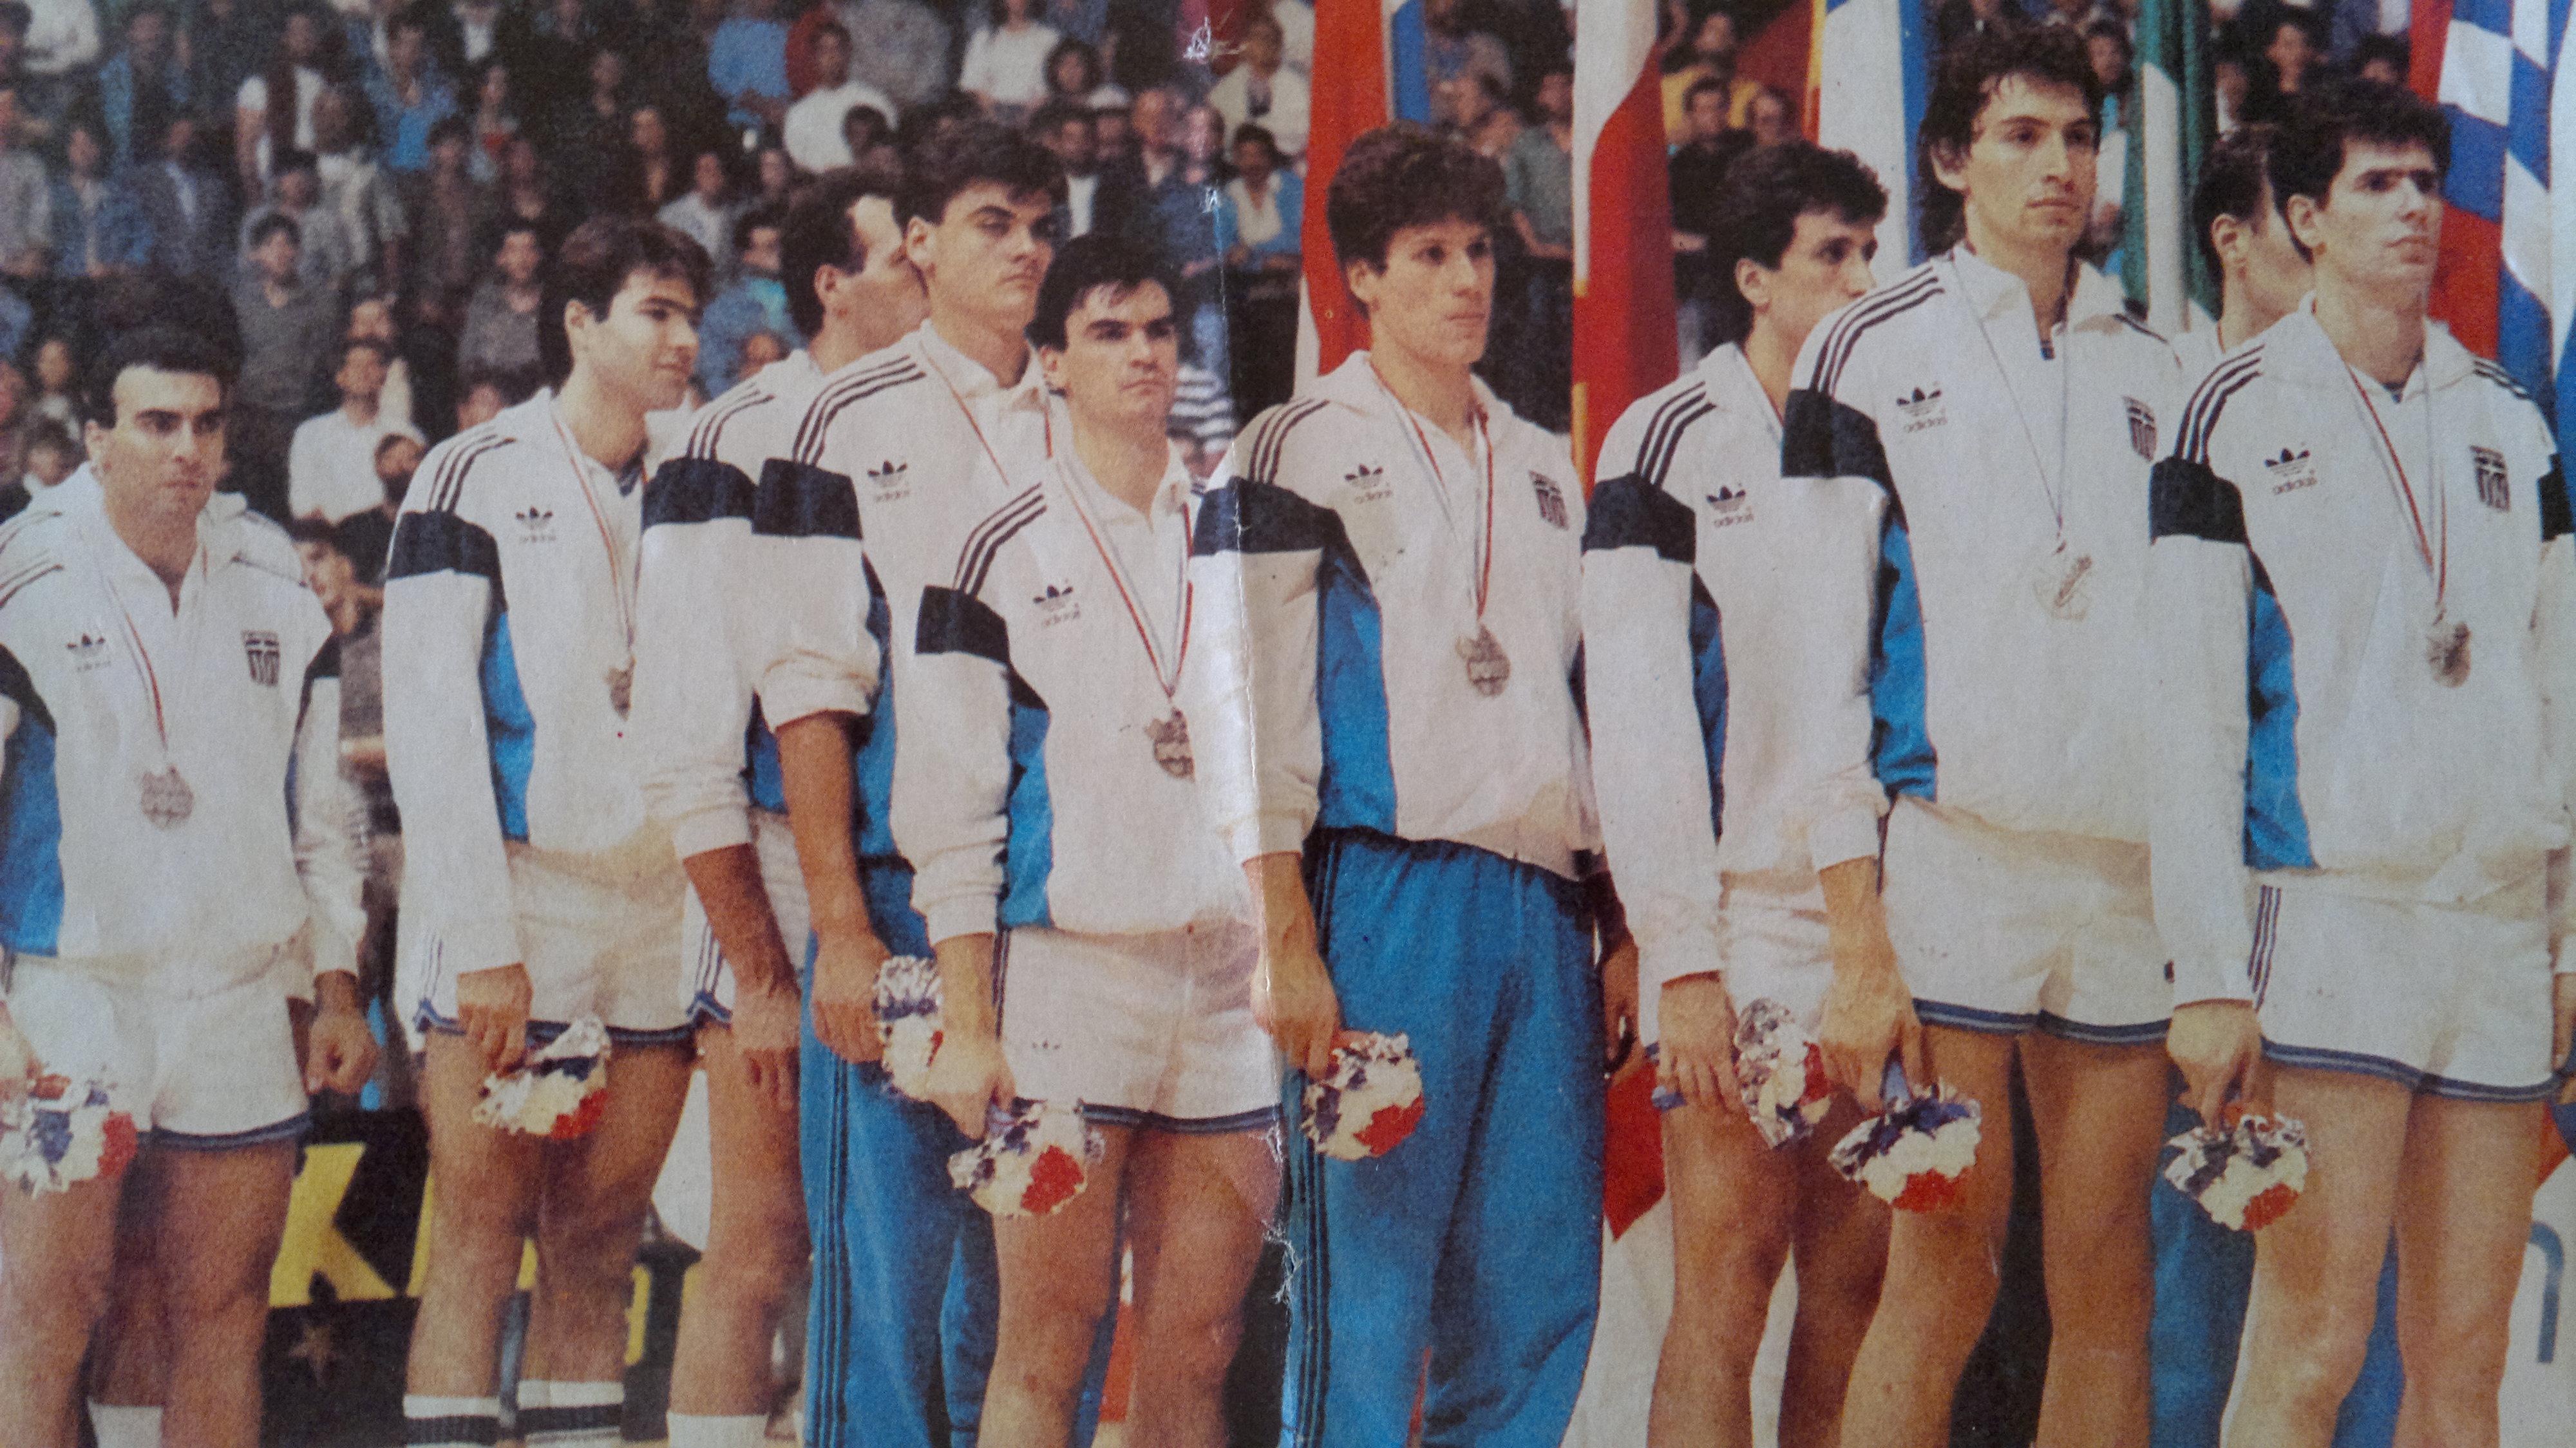 Αποτέλεσμα εικόνας για μπασκετ 1987